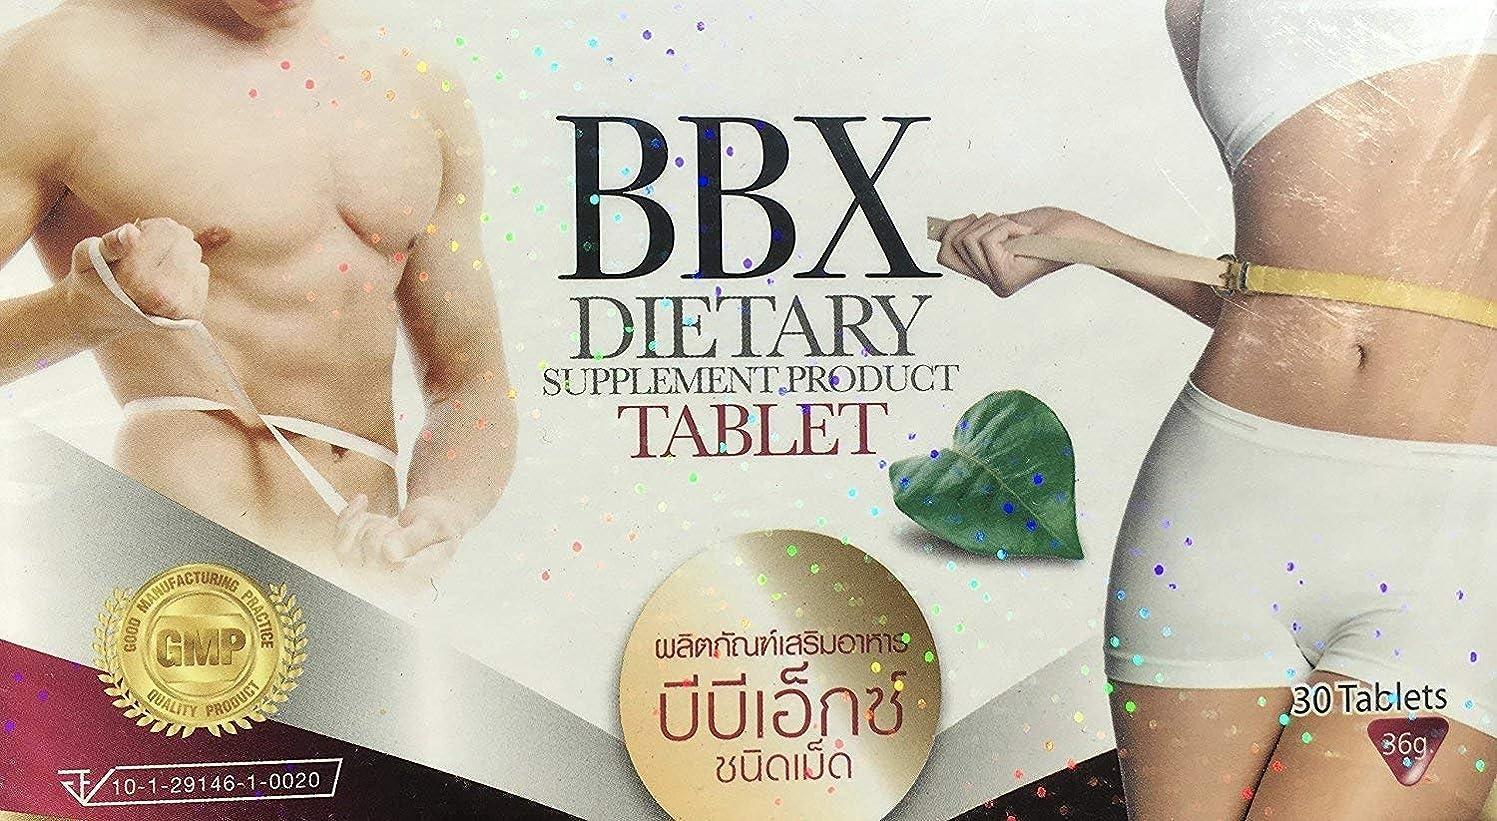 リー特権救出クリニックや医師が推奨するダイエットサプリBBX 公式パンフレット&説明書付き 1箱30錠 外箱付き